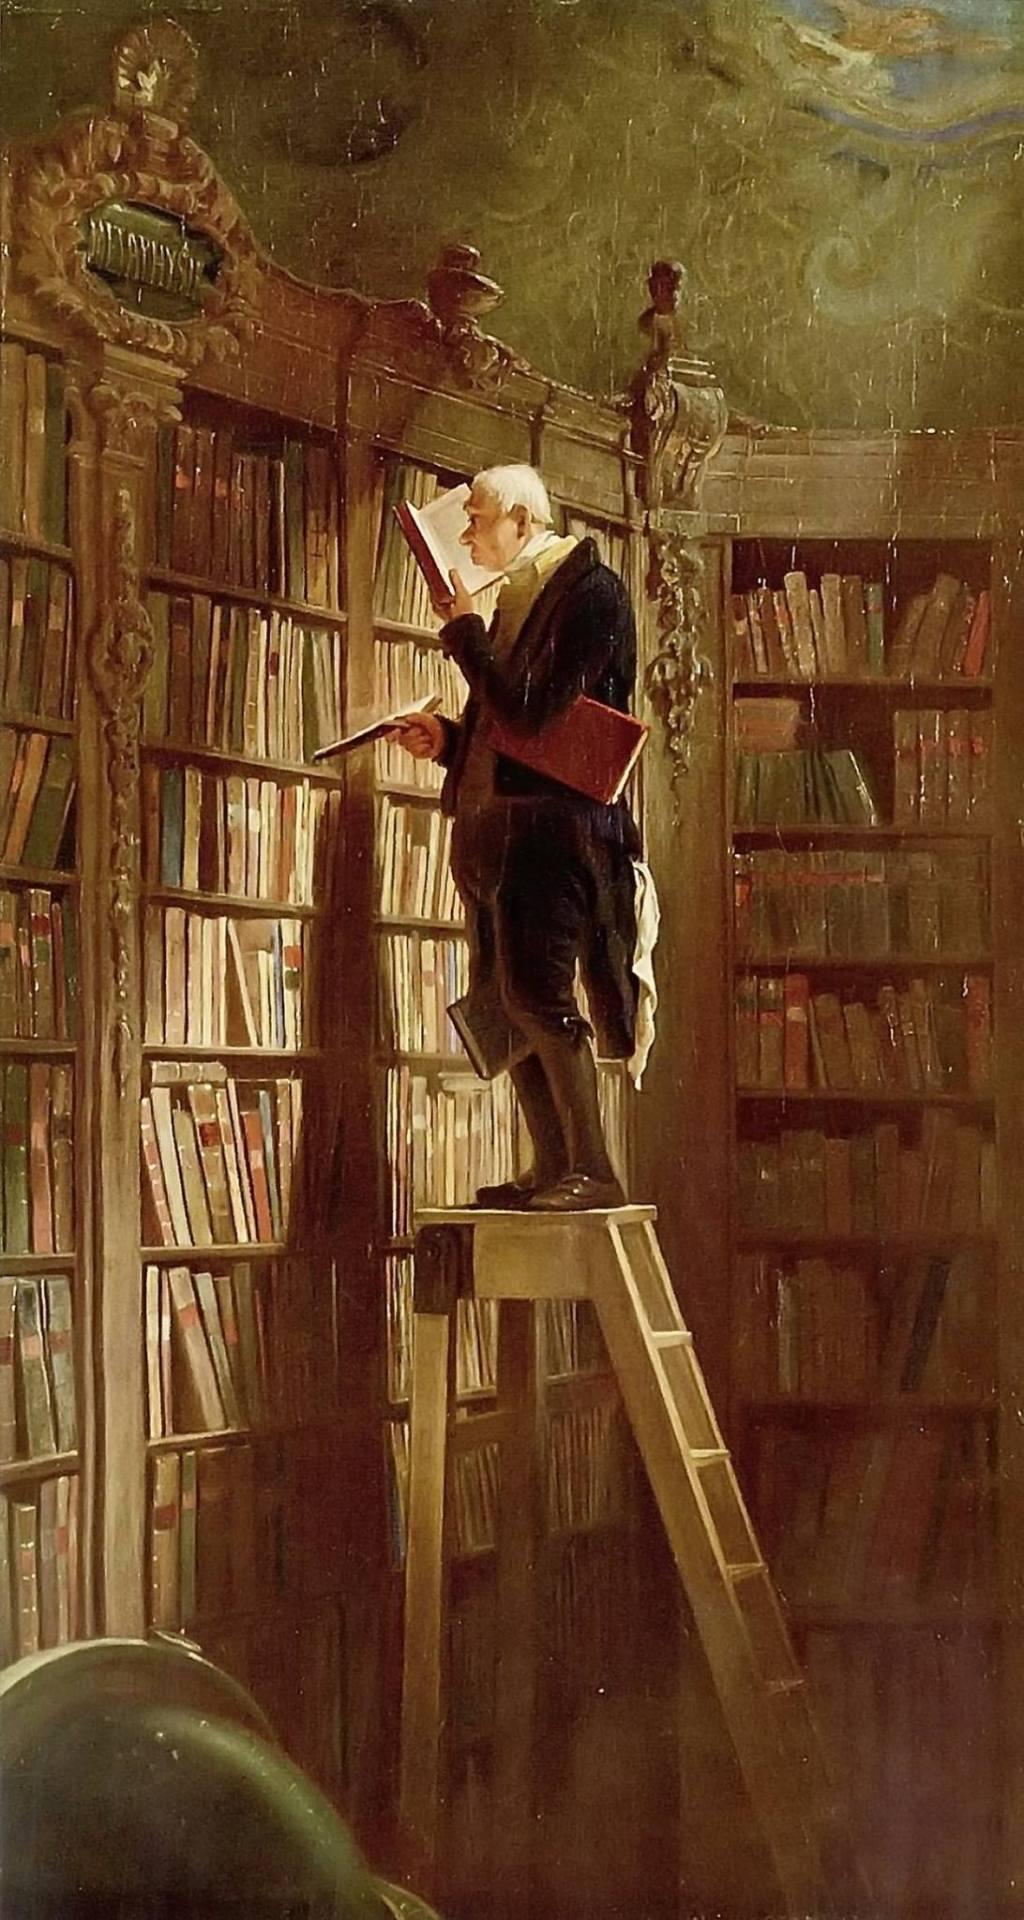 Carl Spitzweg (1808-1885) The Bookworm, 1850.